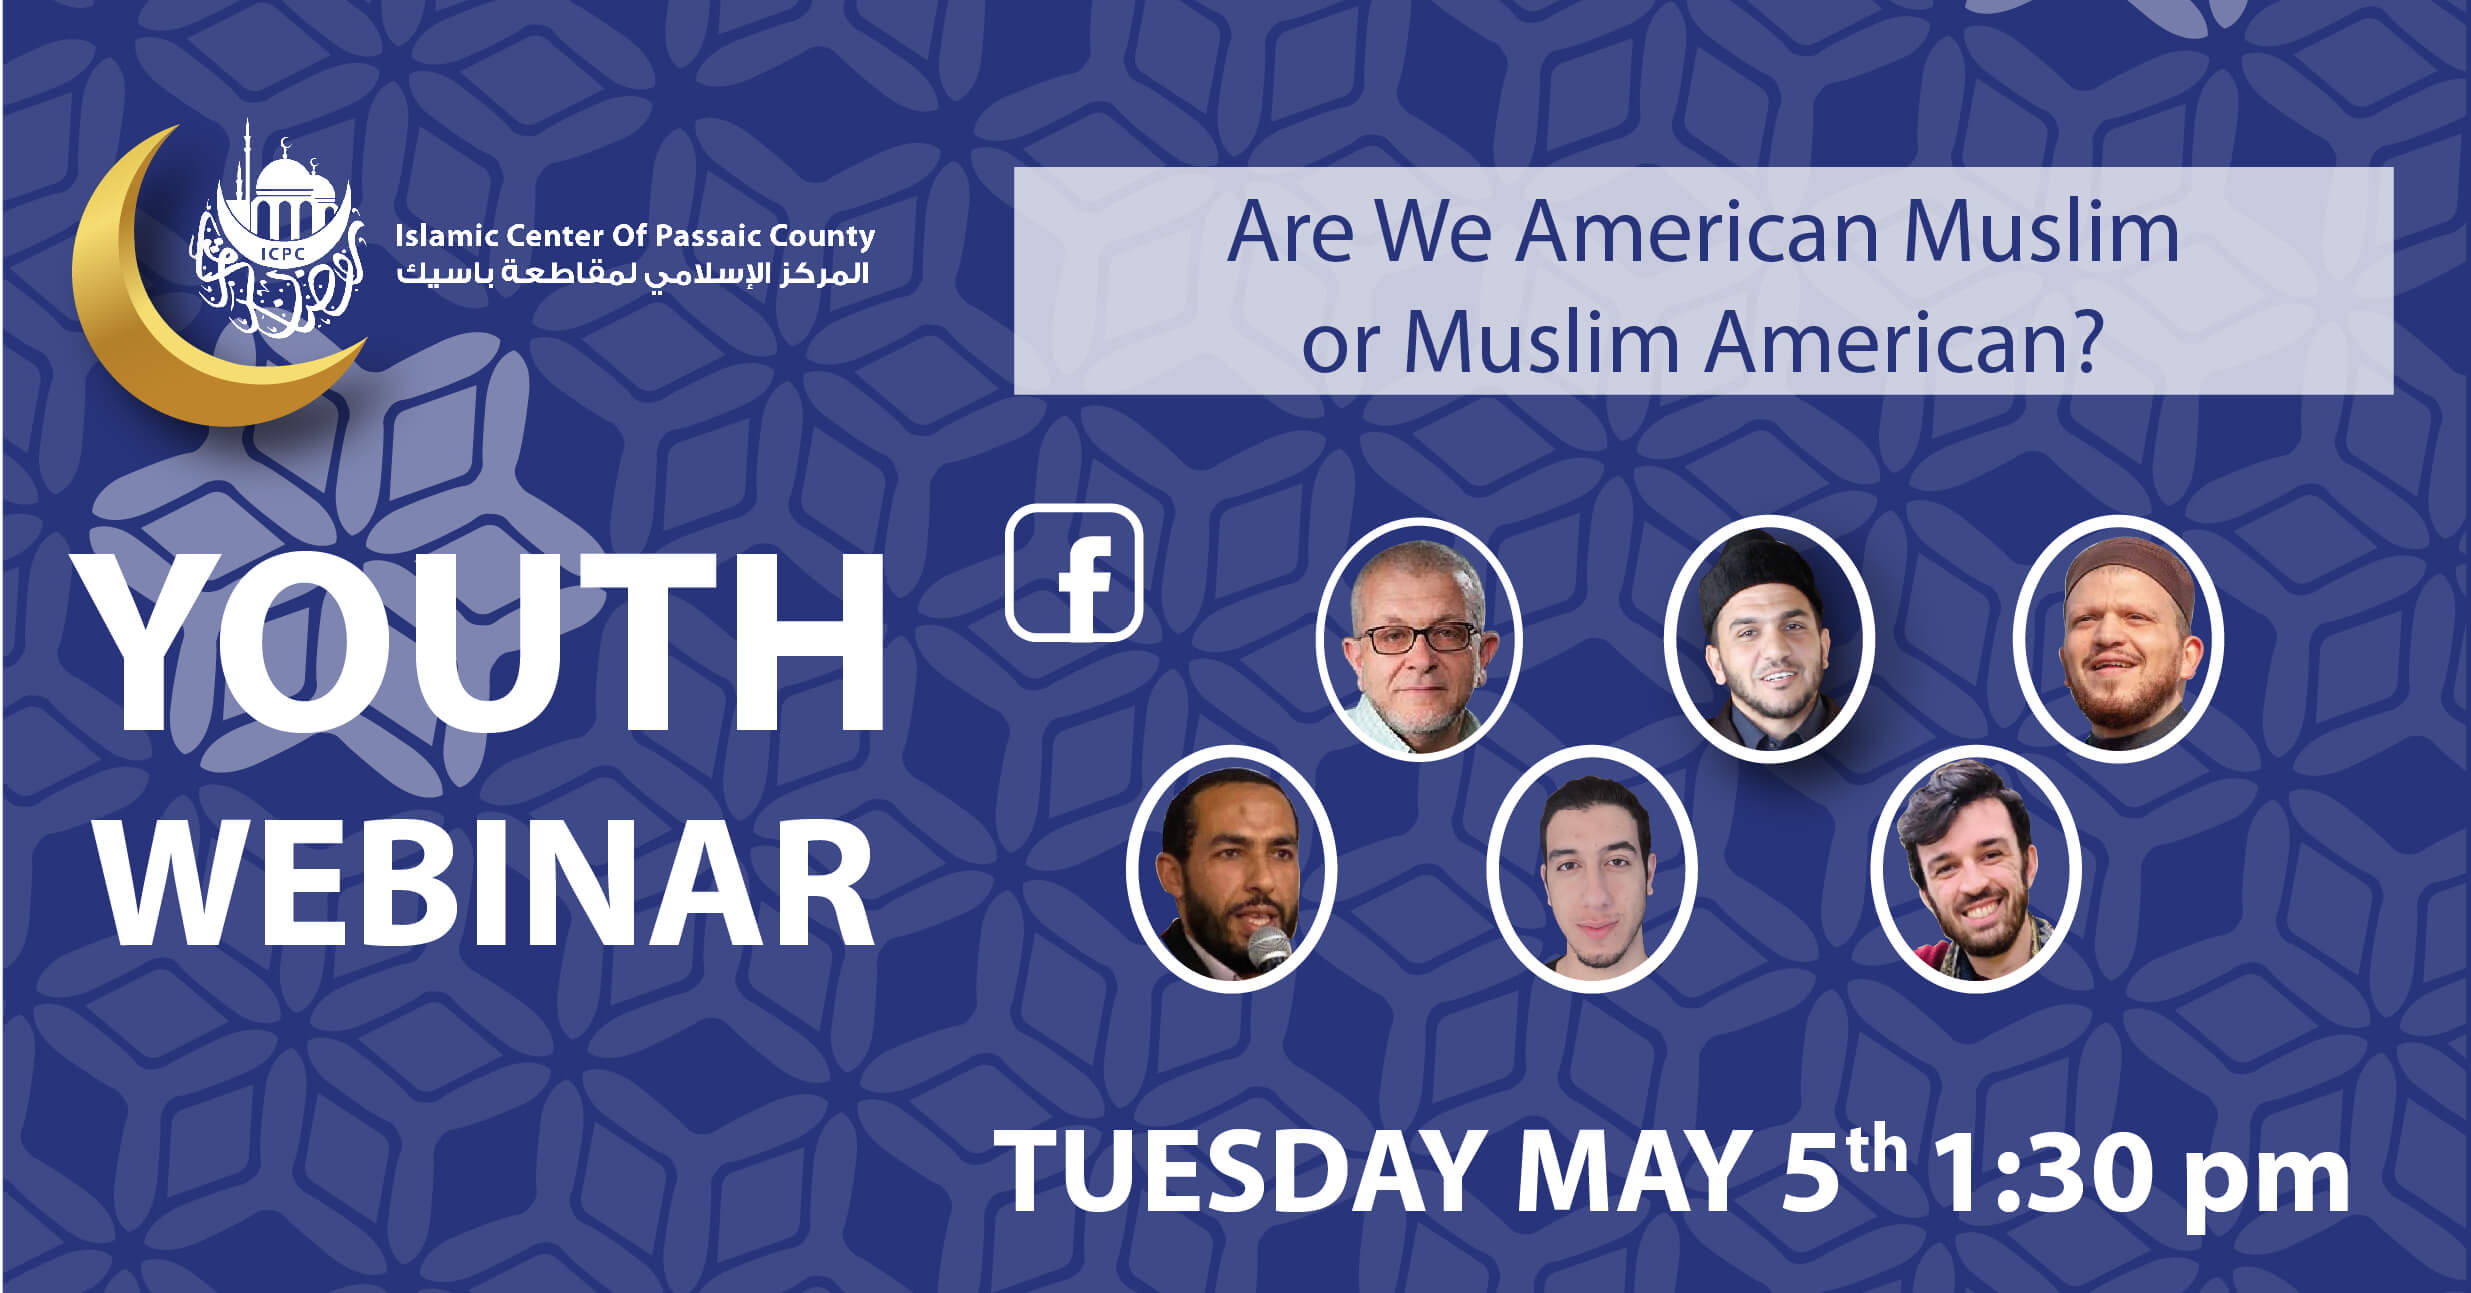 ramadan_youth_webinar_socialmediabanners-02